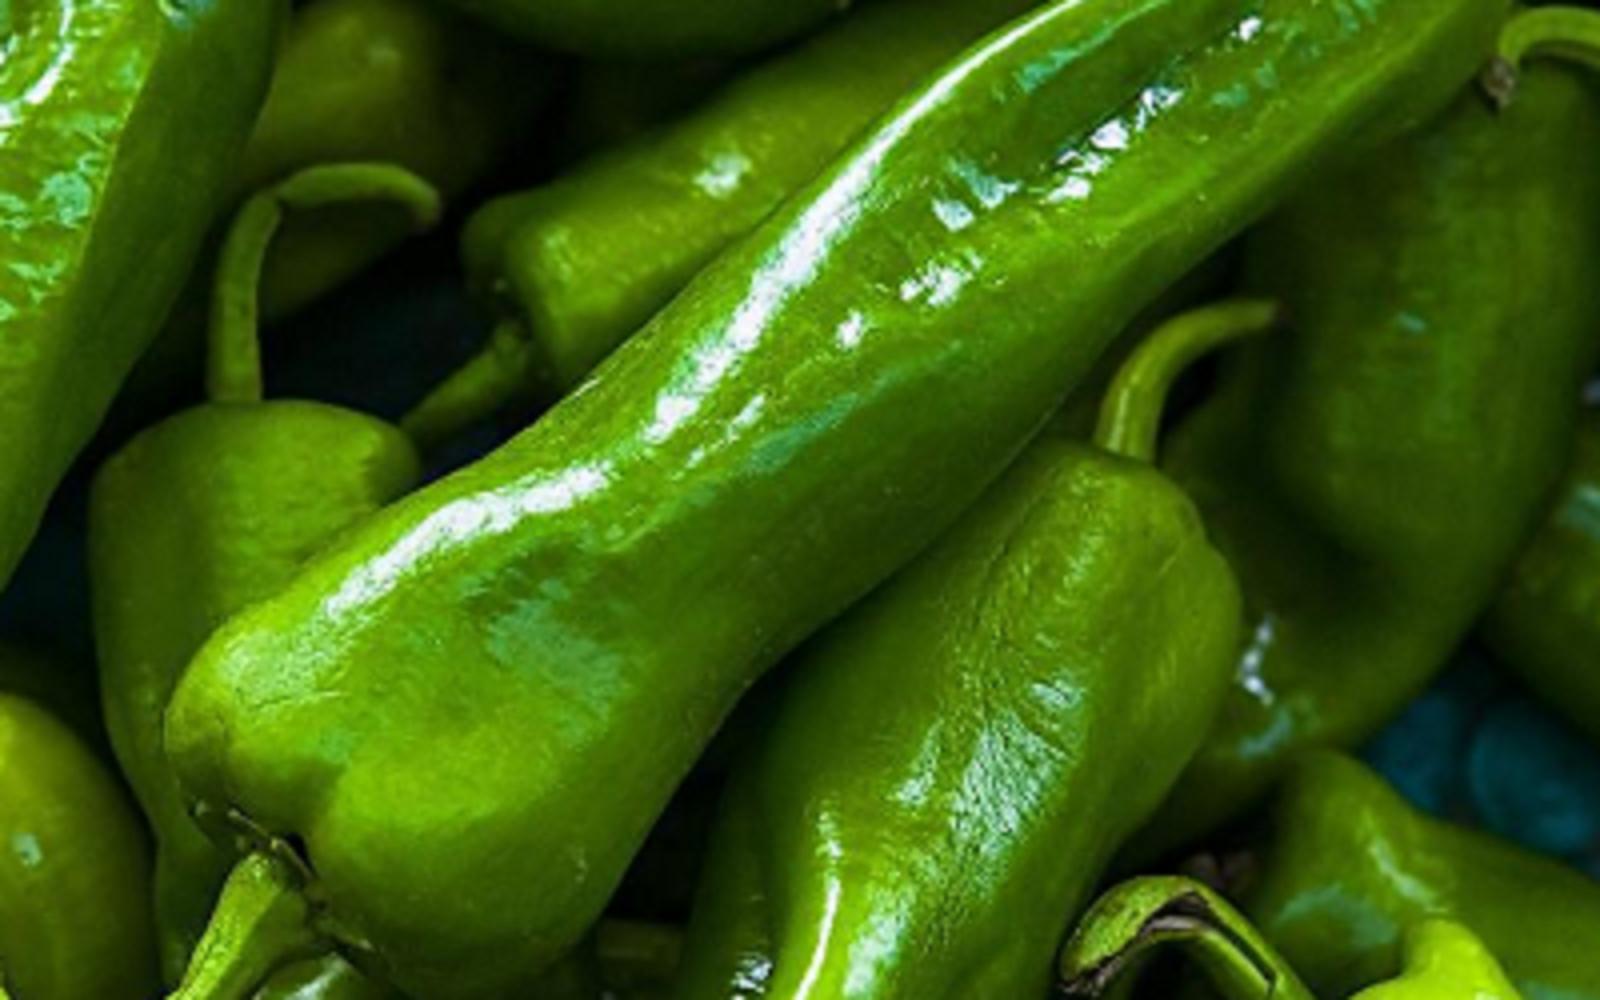 原创             降低血管压力,改善脱发症状,青椒的功效和禁忌有哪些?